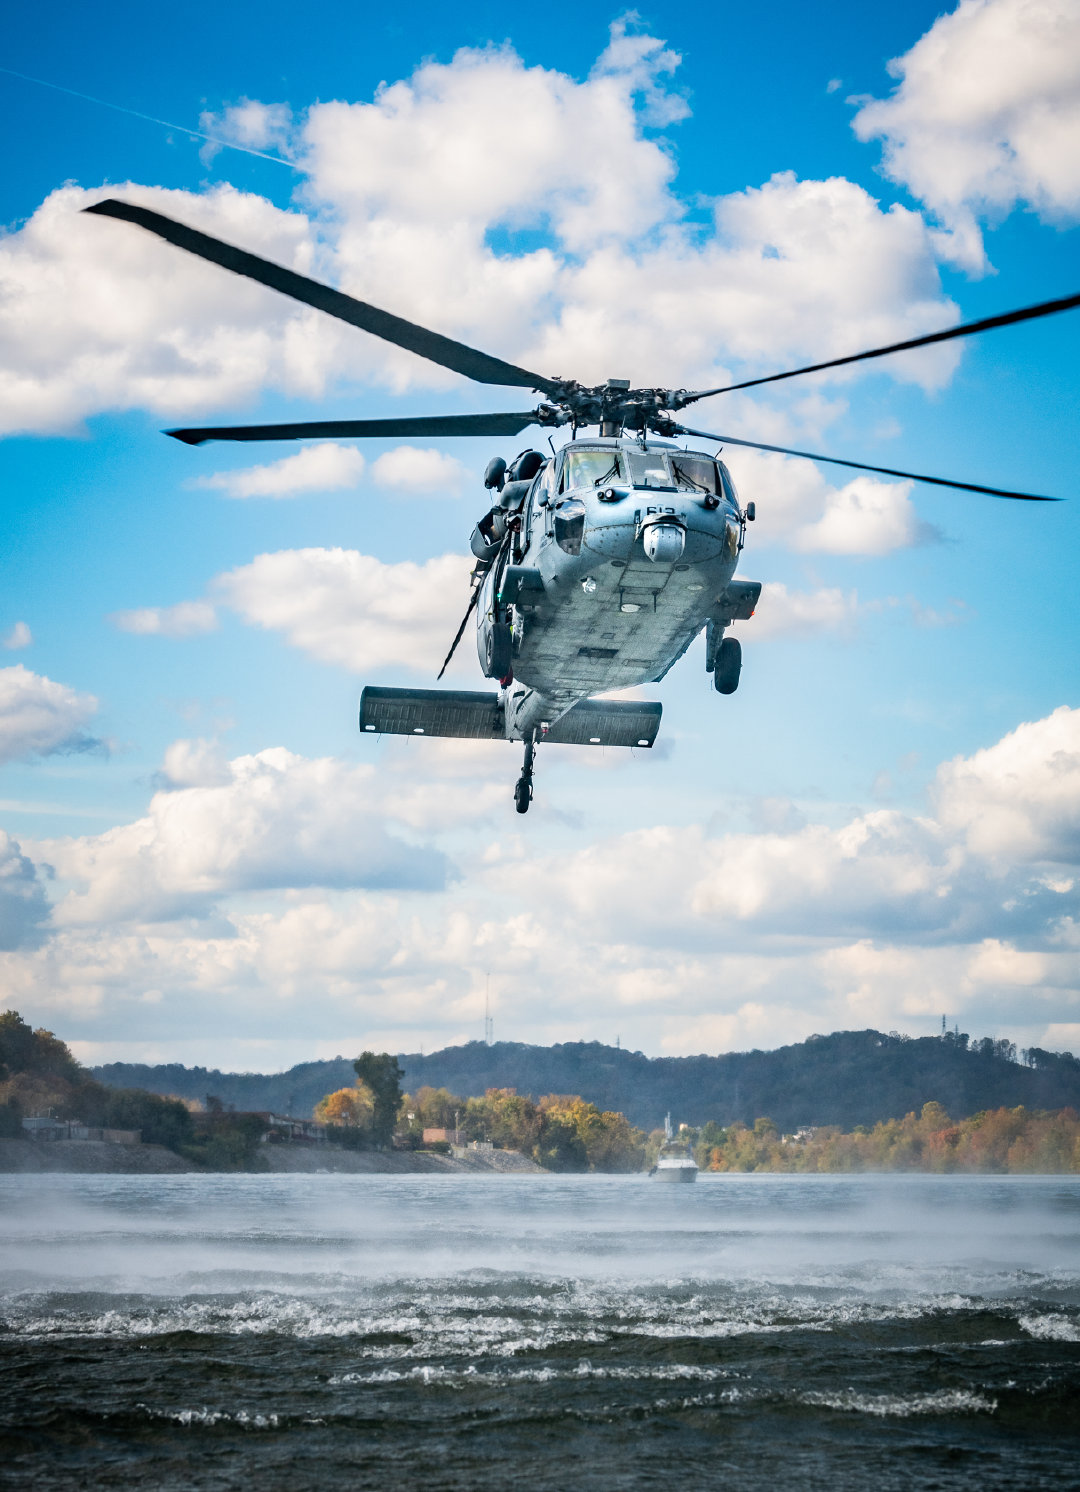 总部位于弗吉尼亚州诺福克的直升机海上战斗中队5(HELSEACOMBATRON F